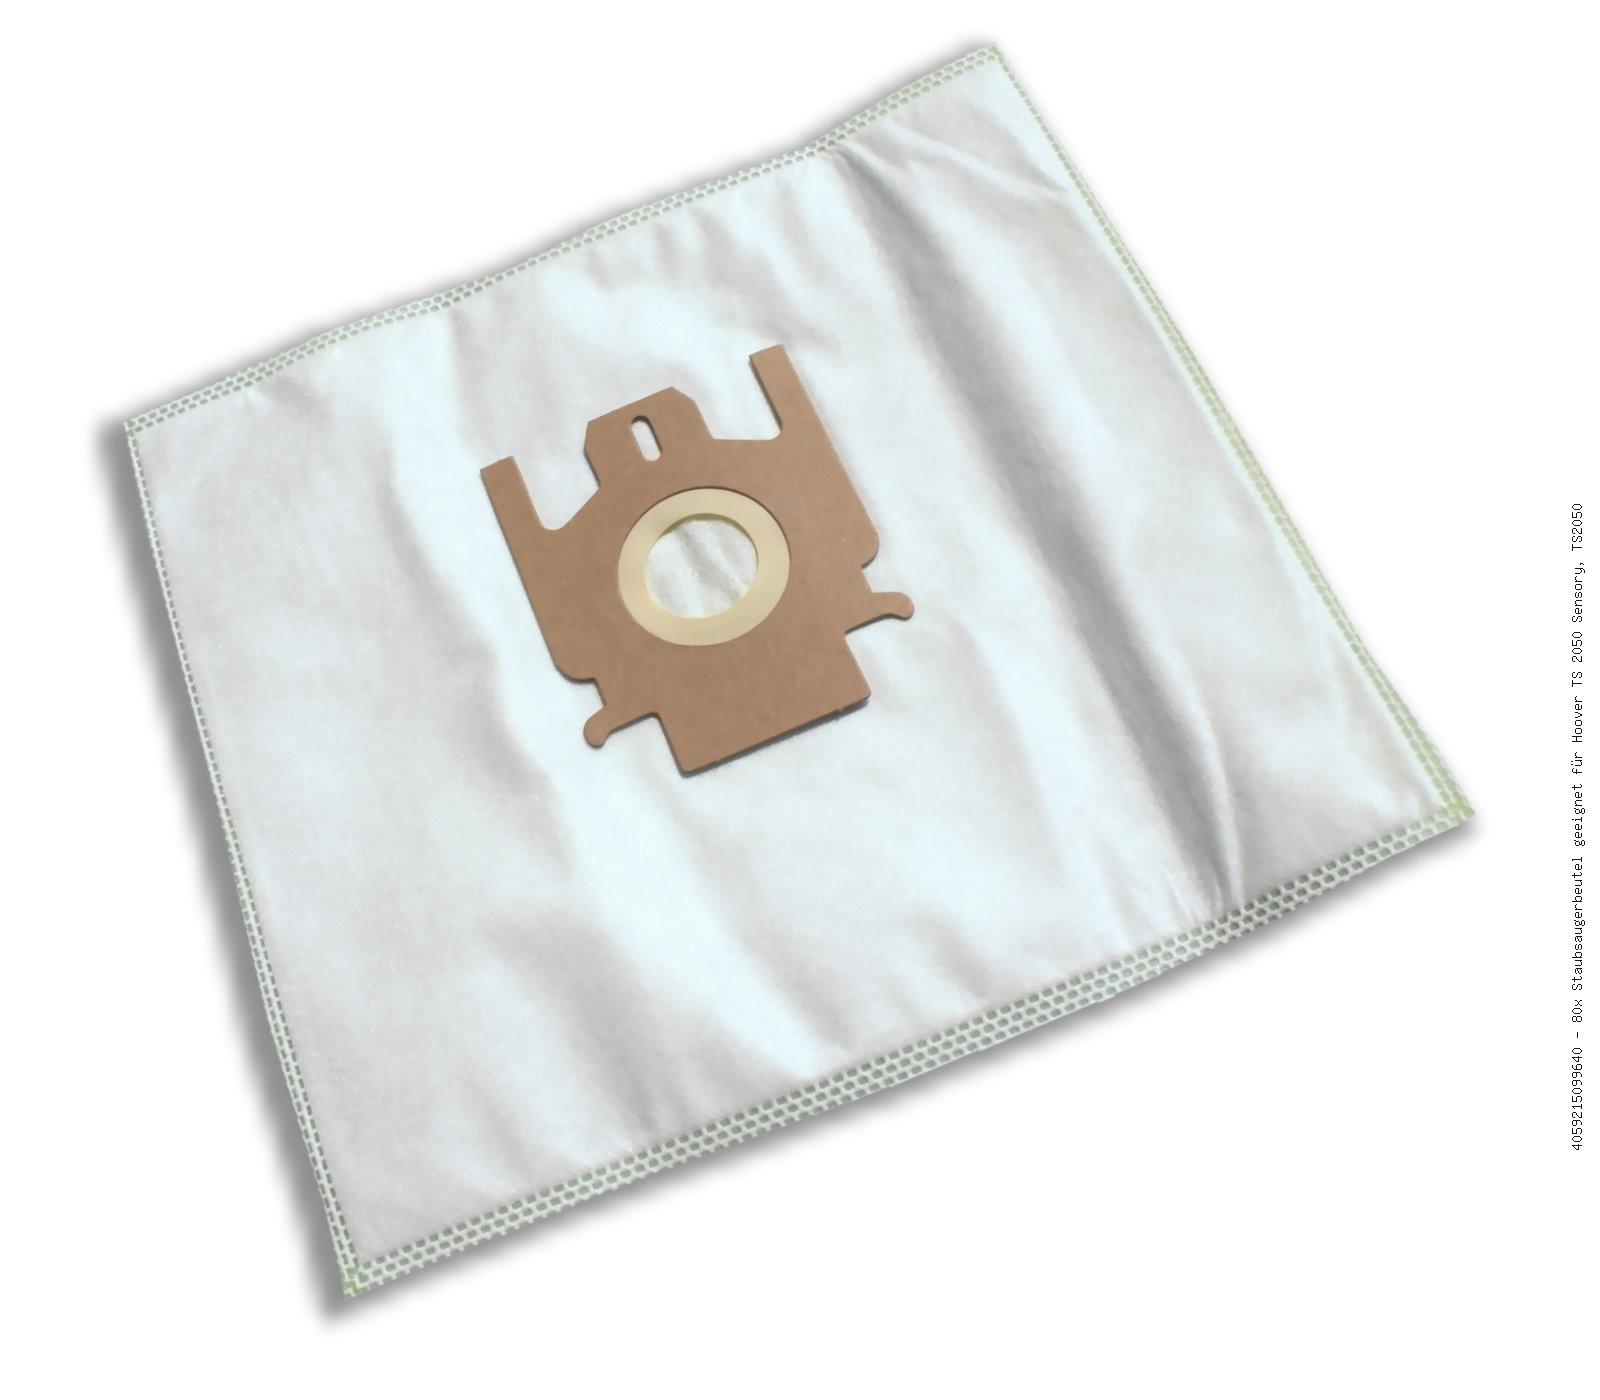 2009 40 Staubsaugerbeutel geeignet für Hoover Sensory TS 2008 2010